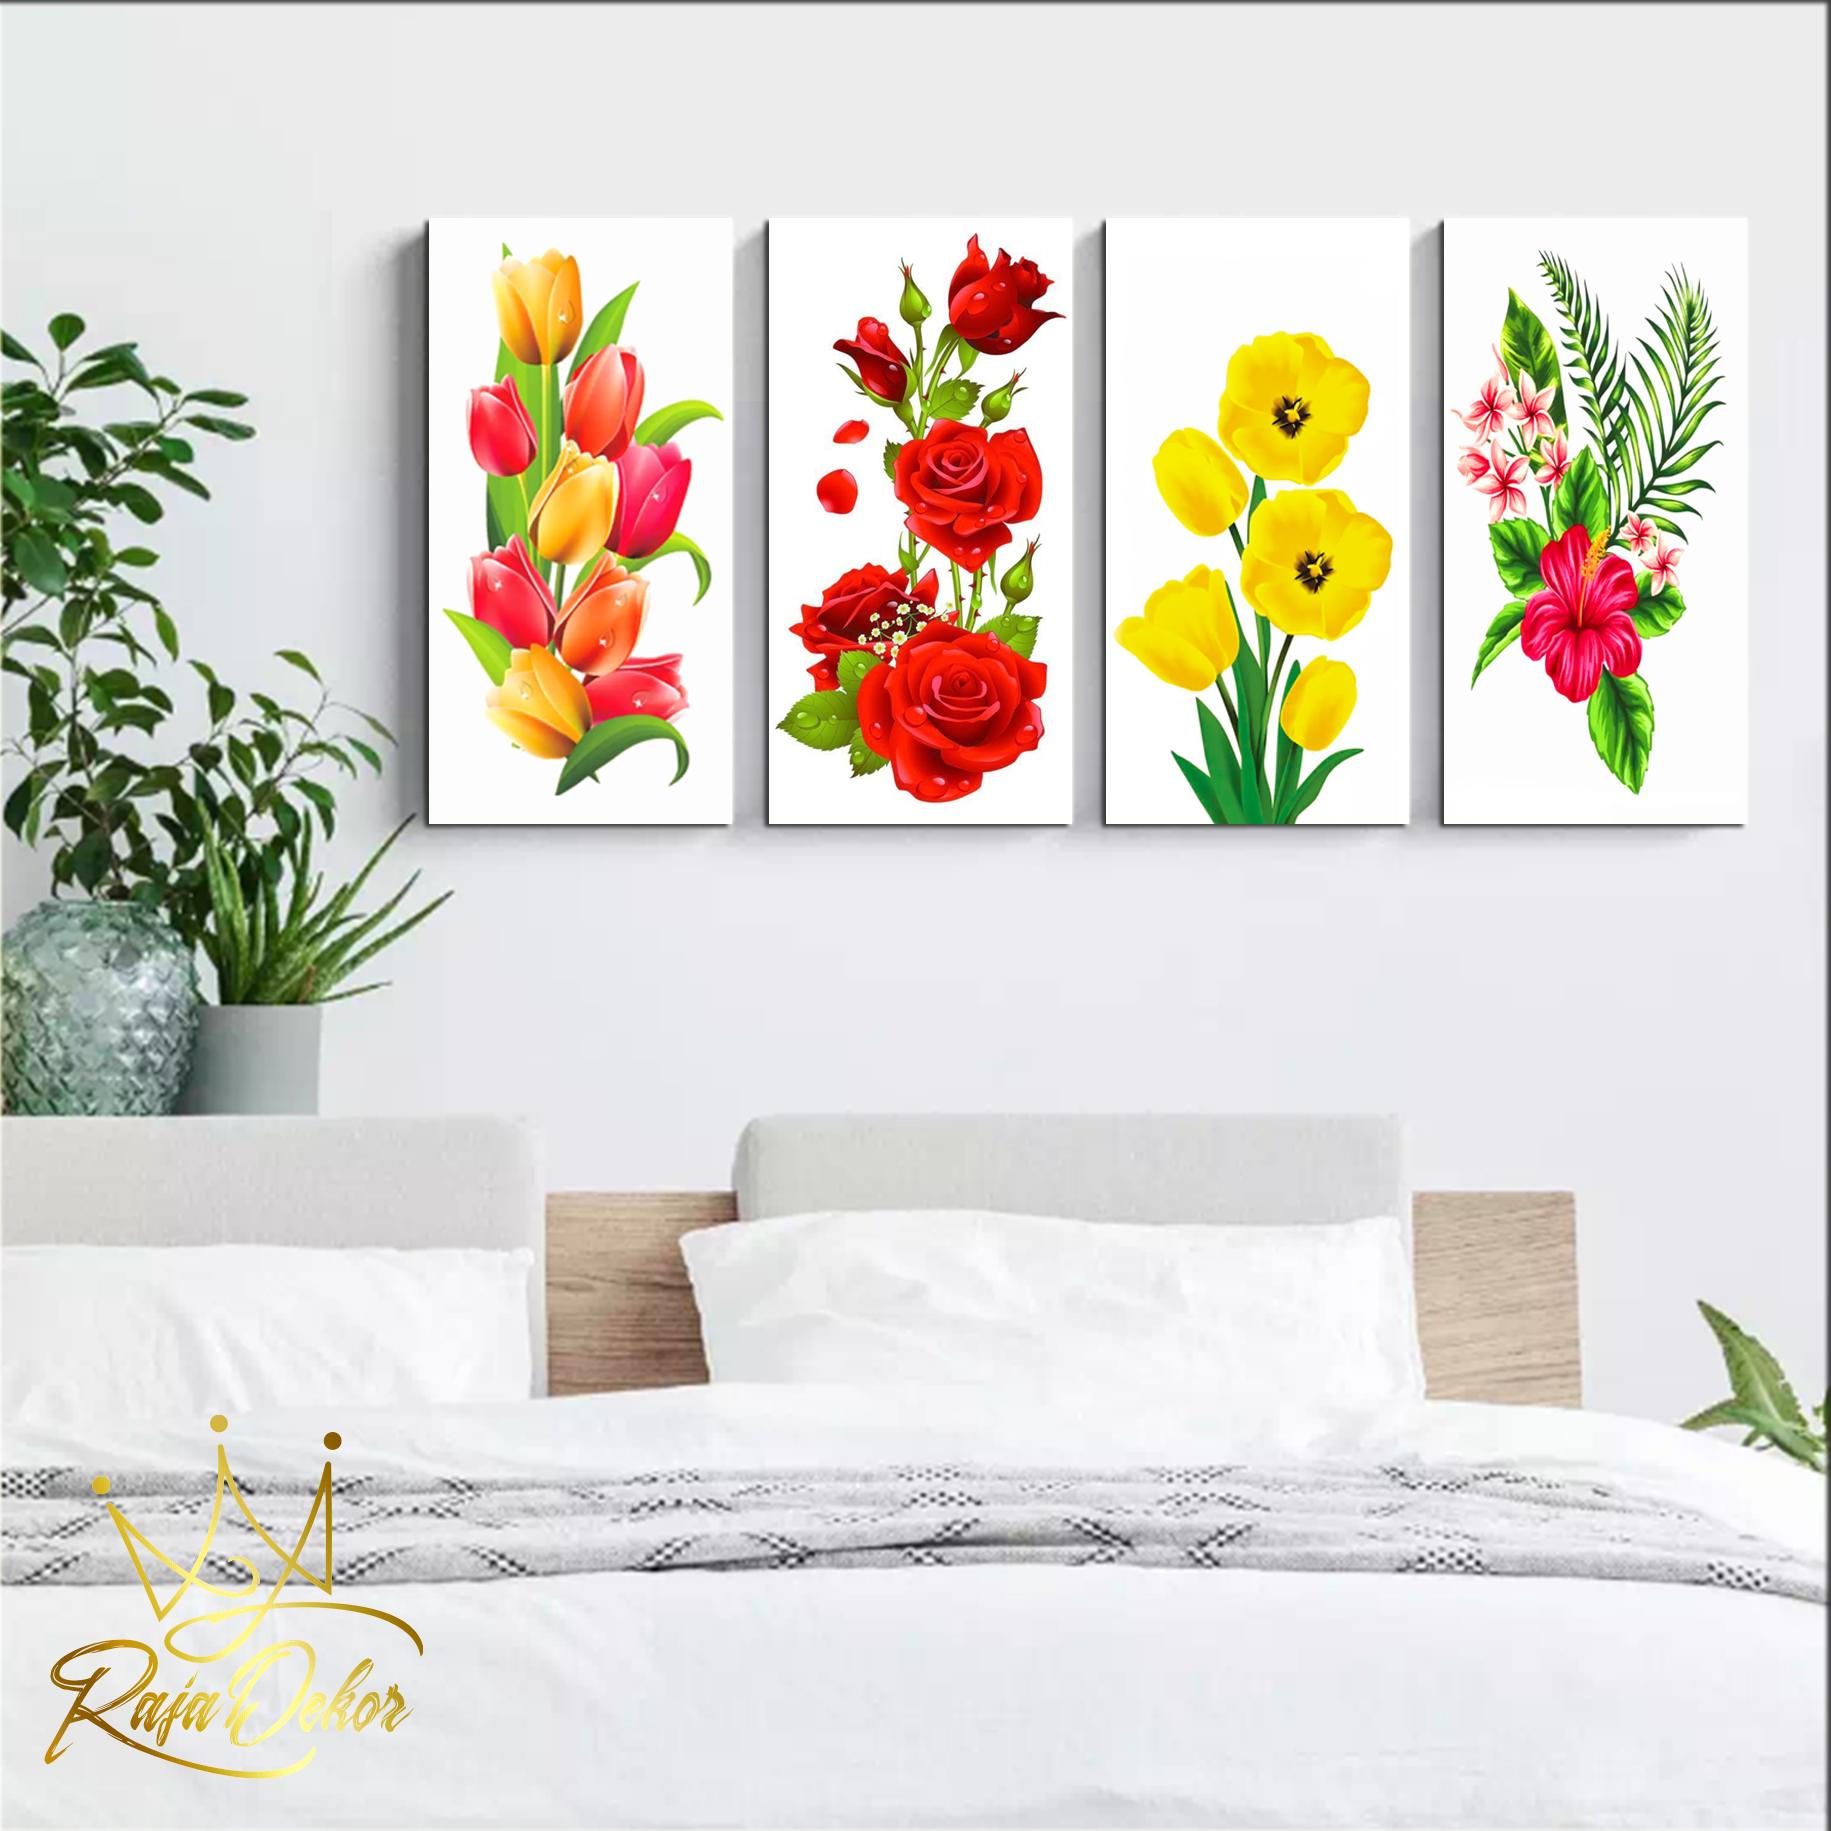 Rd Drawing Of Flowers 15x30 Dekorasi Dinding Kamar Pajangan Dinding Ruangan Rumah Dekorasi Rumah Wall Decor Lukisan Dinding Pigura Kayu Lazada Indonesia